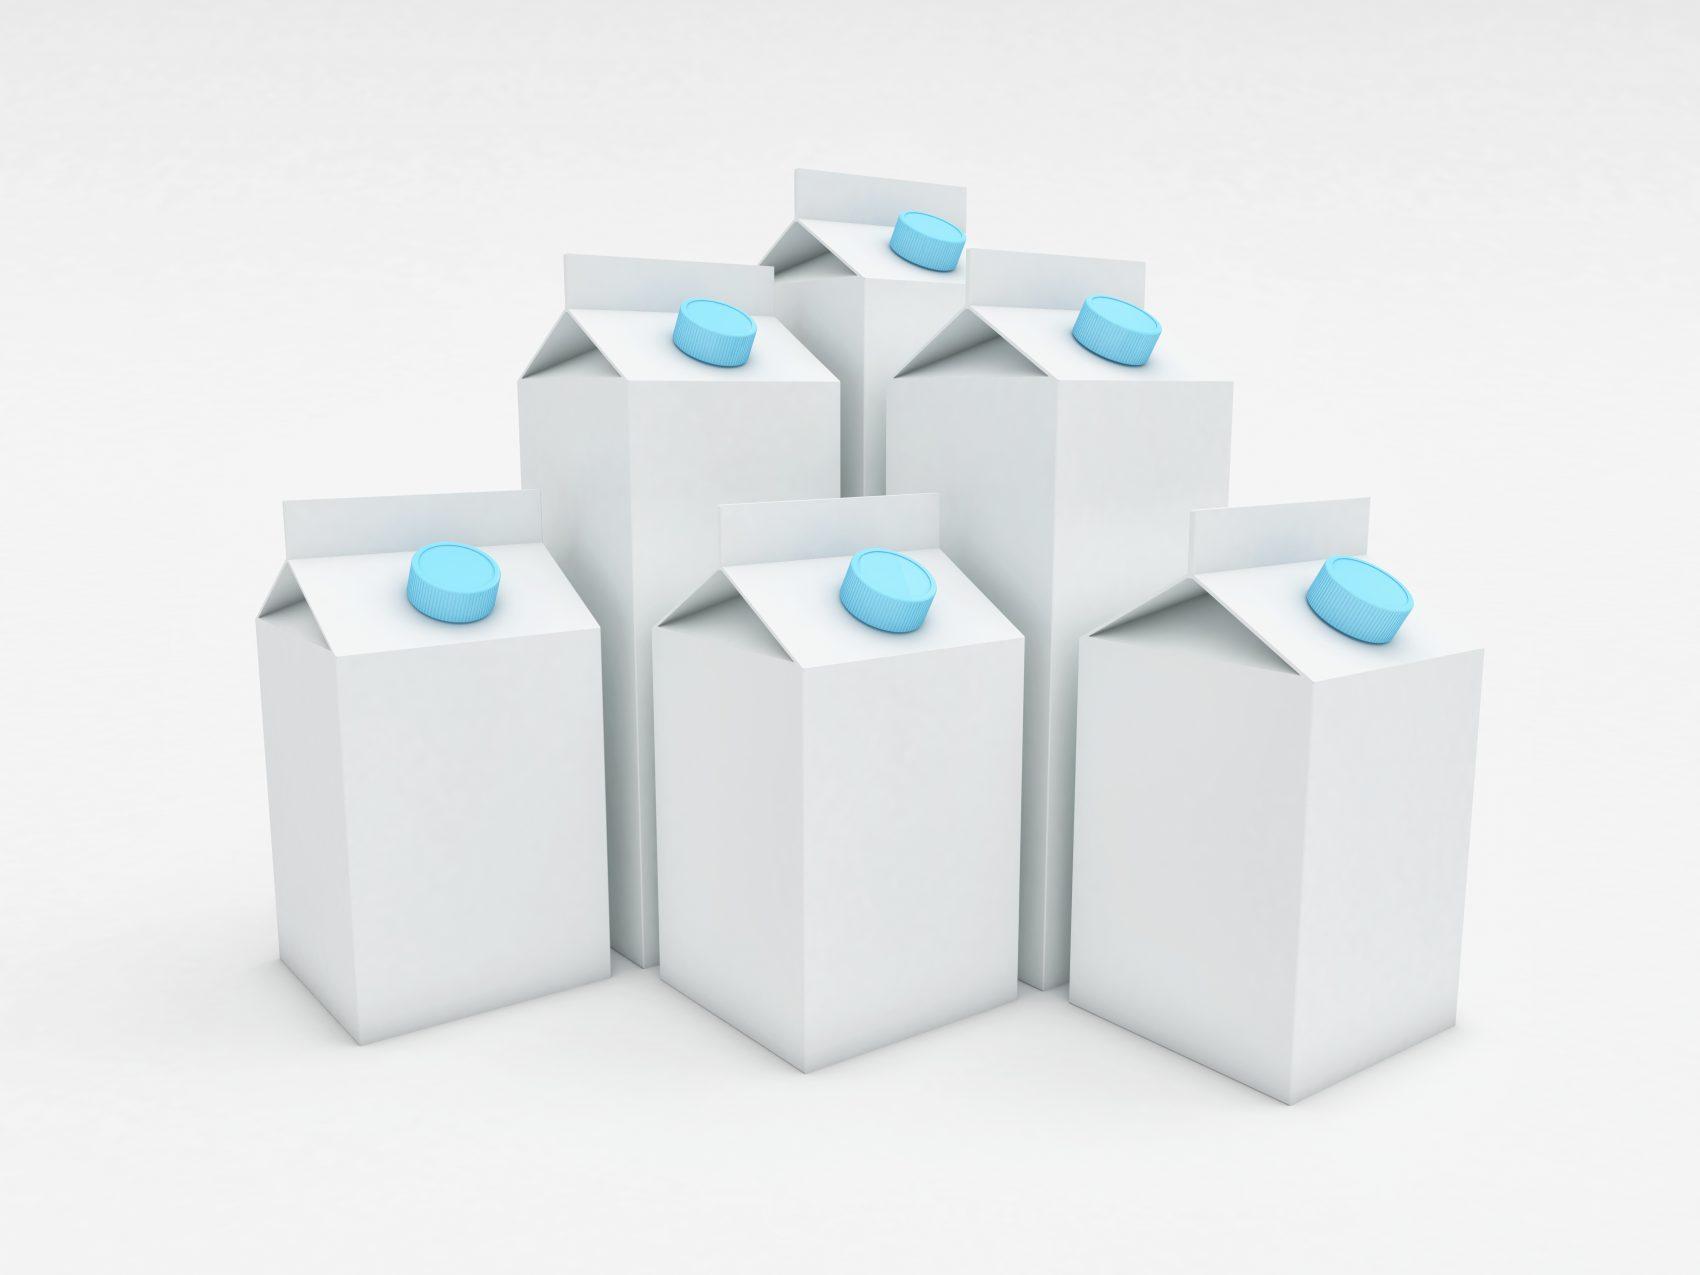 A matéria-prima das caixas de leite se transforma em revestimento na ong Brasil sem Frestas (Foto Gualtiero Boffi)